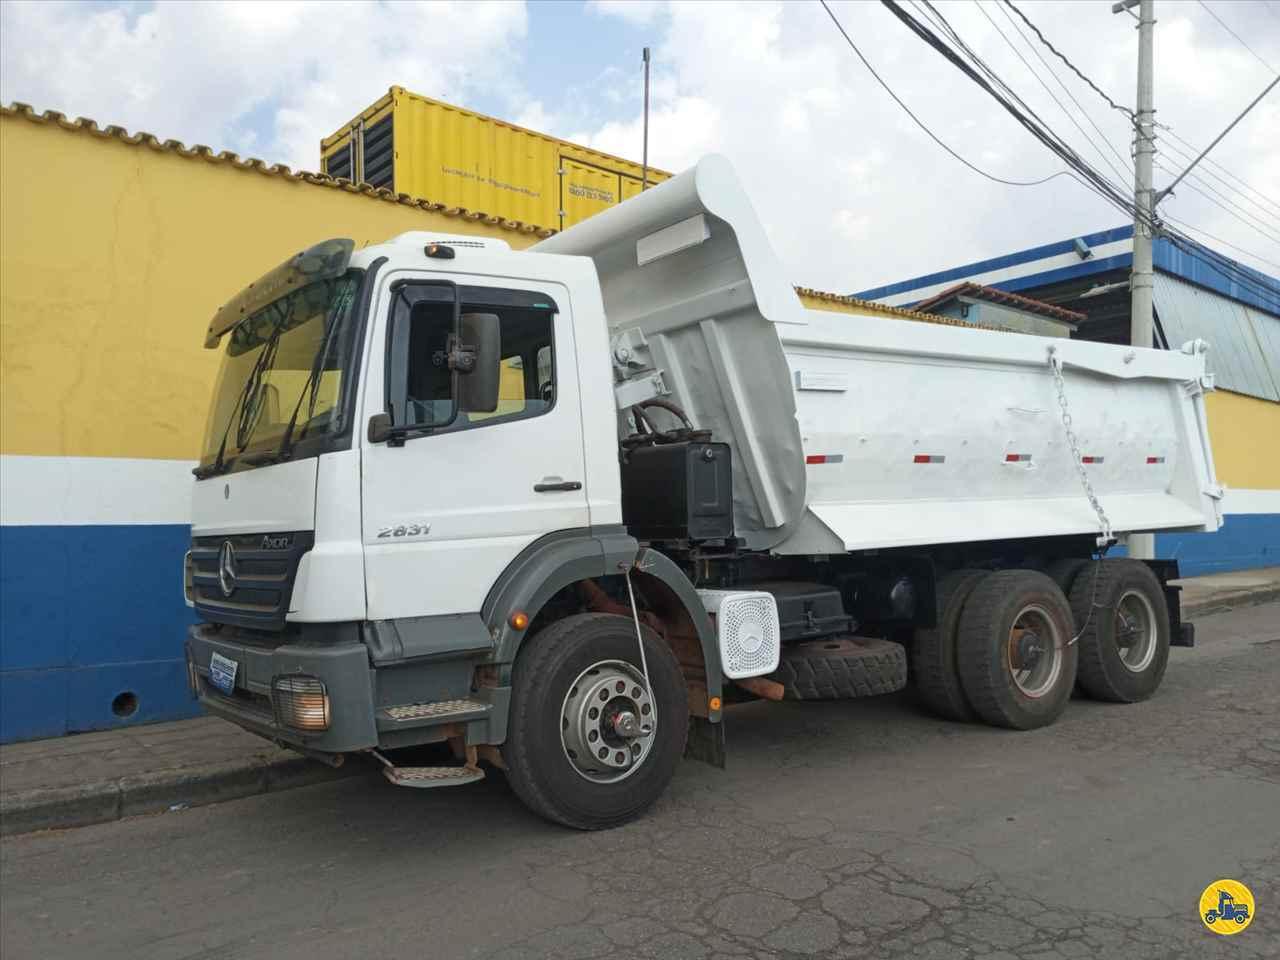 CAMINHAO MERCEDES-BENZ MB 2831 Caçamba Basculante Traçado 6x4 Caminhões Certos CONTAGEM MINAS GERAIS MG